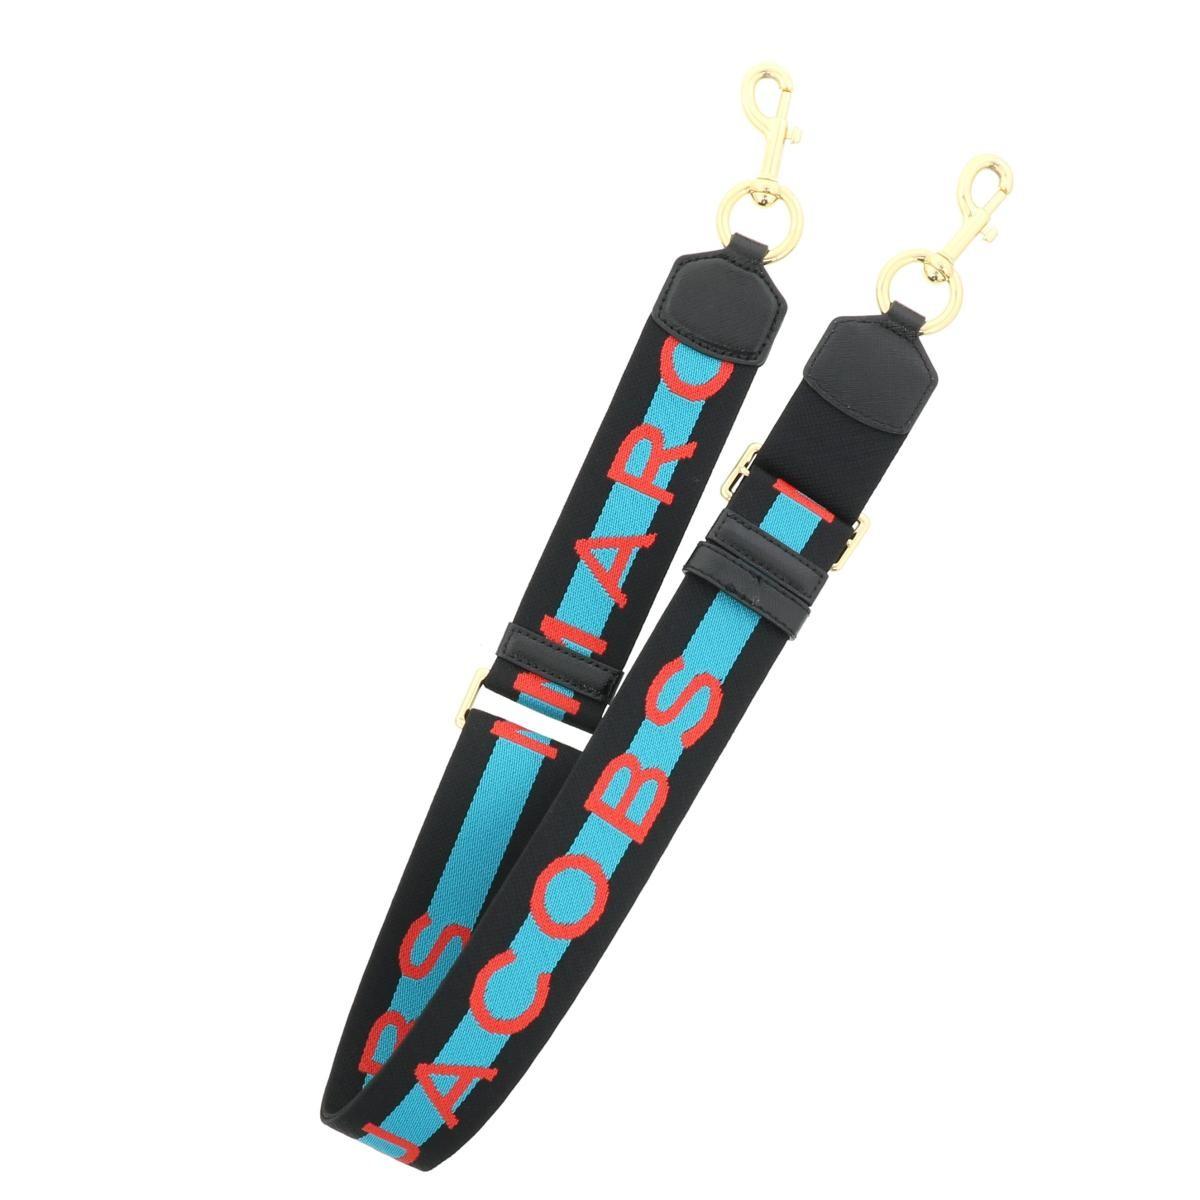 【お値下げ品】【中古】 MARC JACOBS (マークジェイコブス) スナップショット ショルダーバッグ バッグ ショルダー/メッセンジャーバッグ SNAPSHOT Blue M0014503 used:A